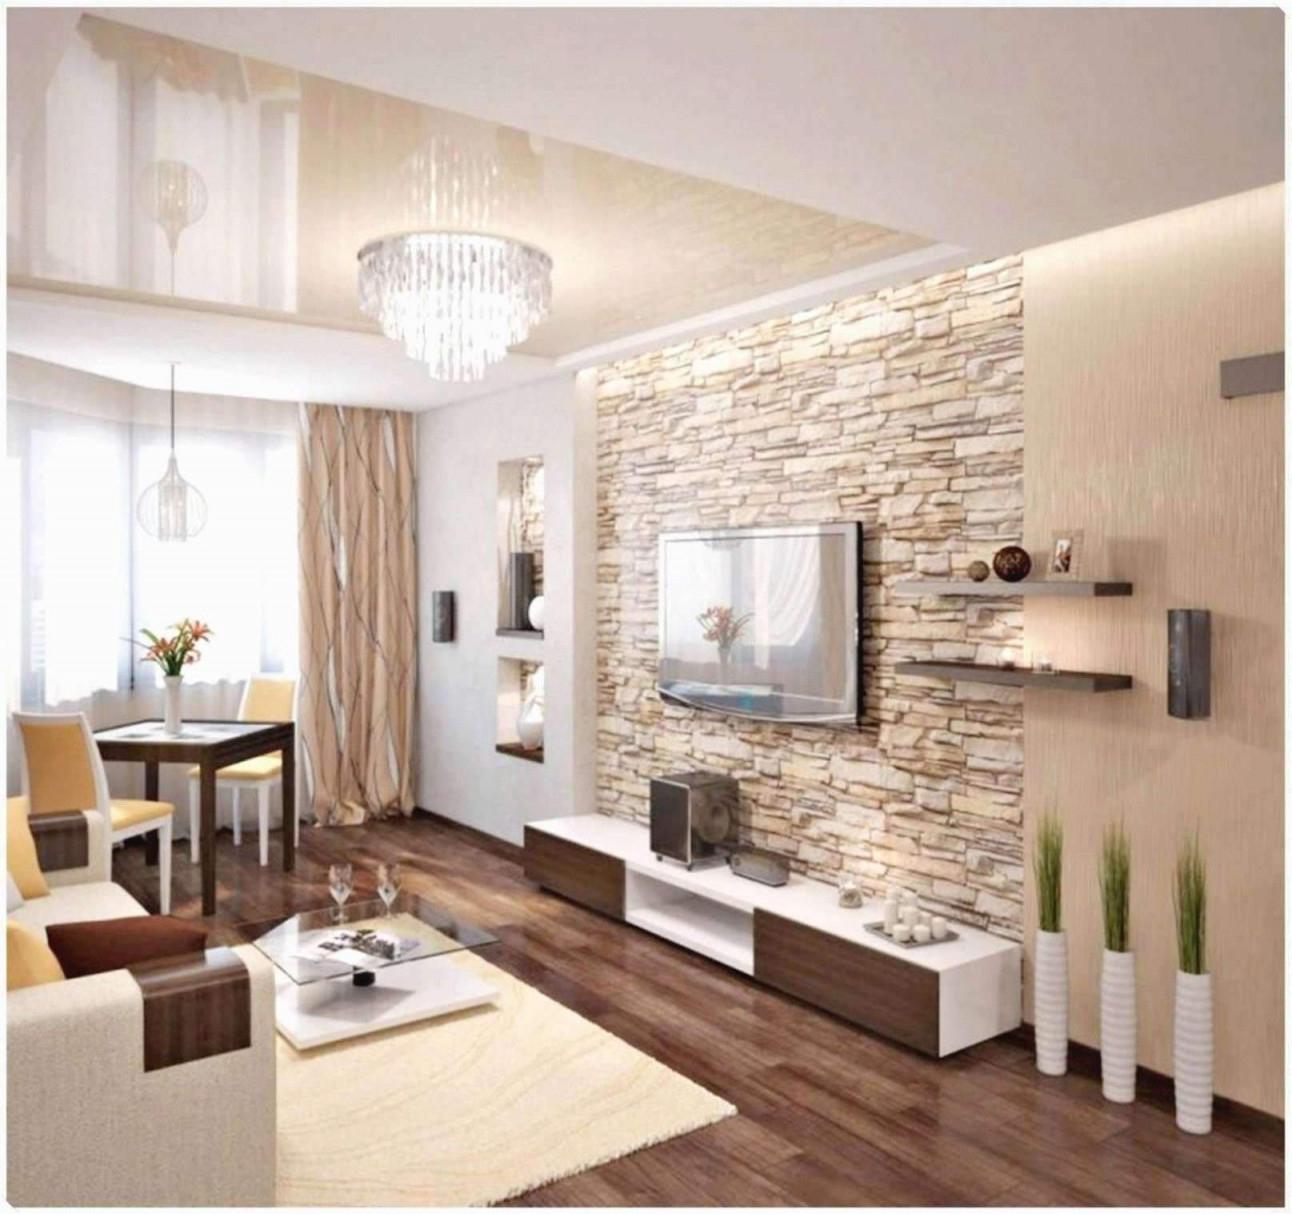 30 Luxus Kleines Wohnzimmer Mit Essbereich Einrichten von Kleines Wohnzimmer Einrichten Ideen Bild